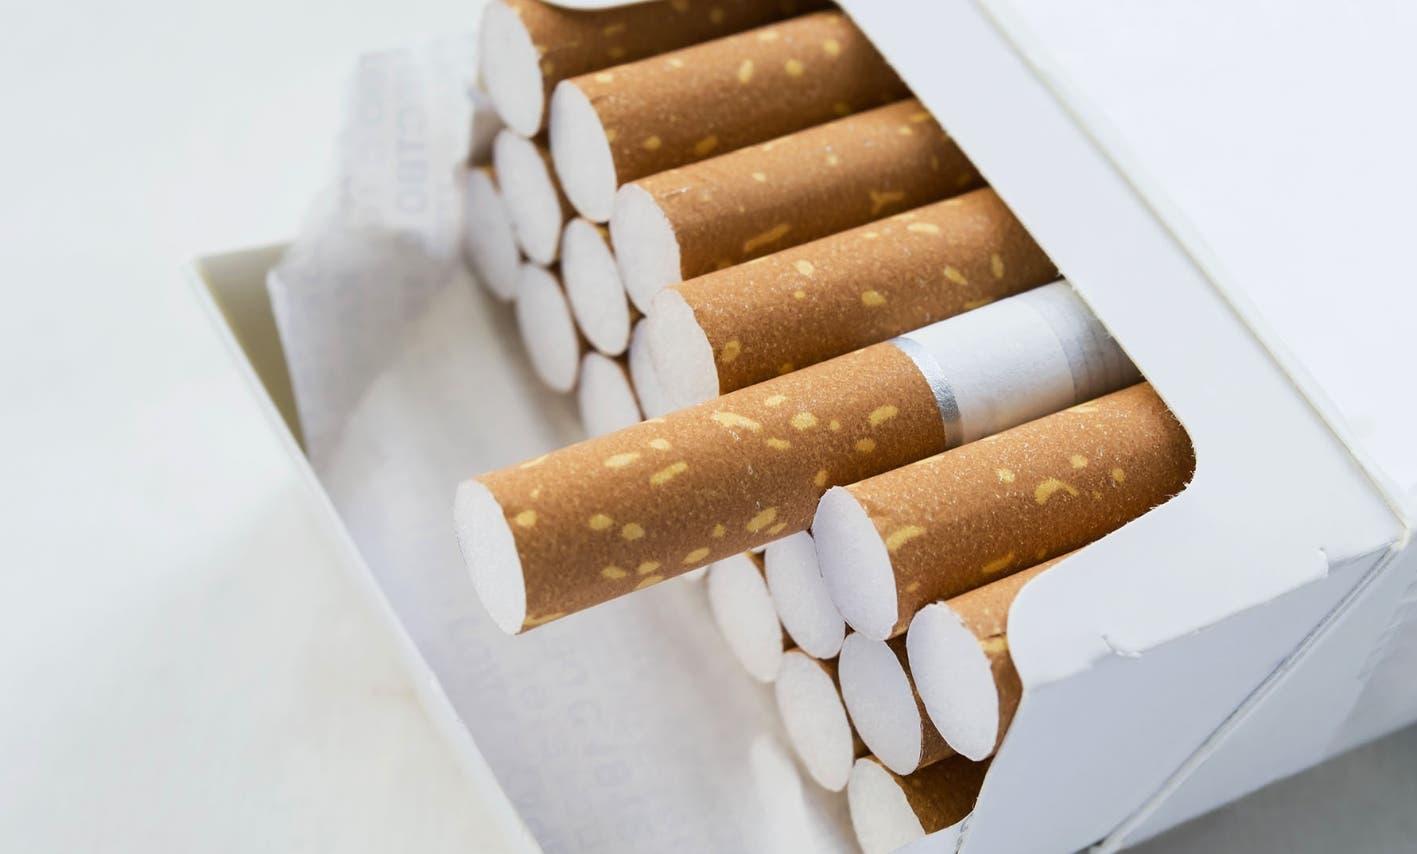 J-2 decomisa contrabando de cigarrillos en Villa Consuelo